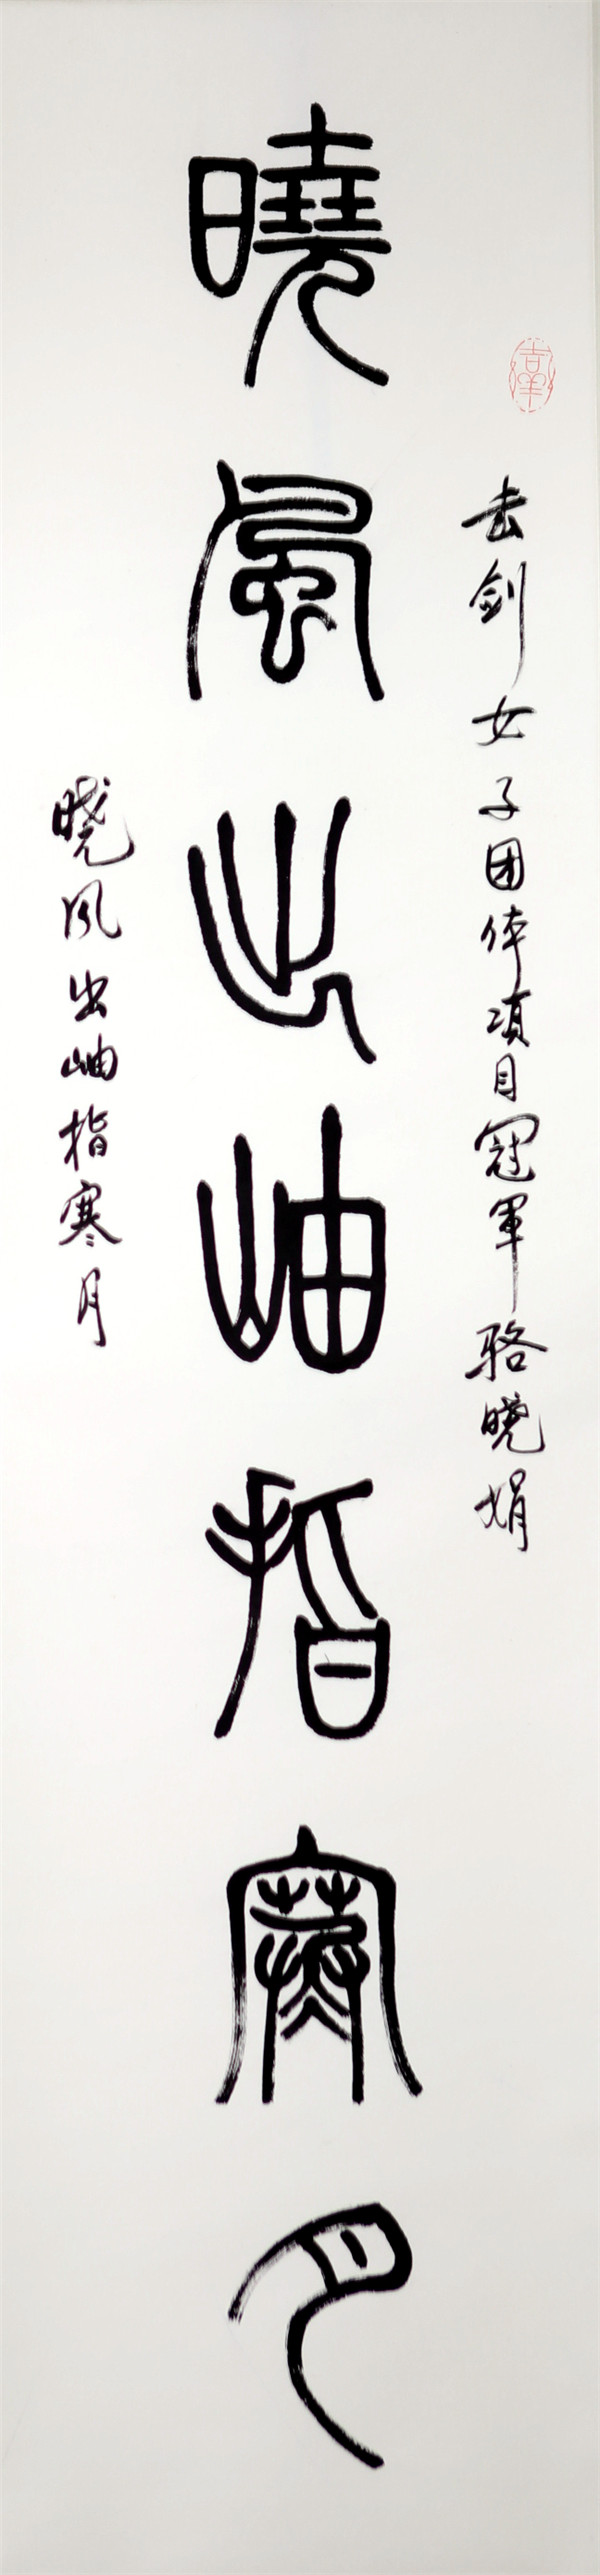 序号362,录曲卫猛为江苏奥运冠军骆晓娟嵌名联